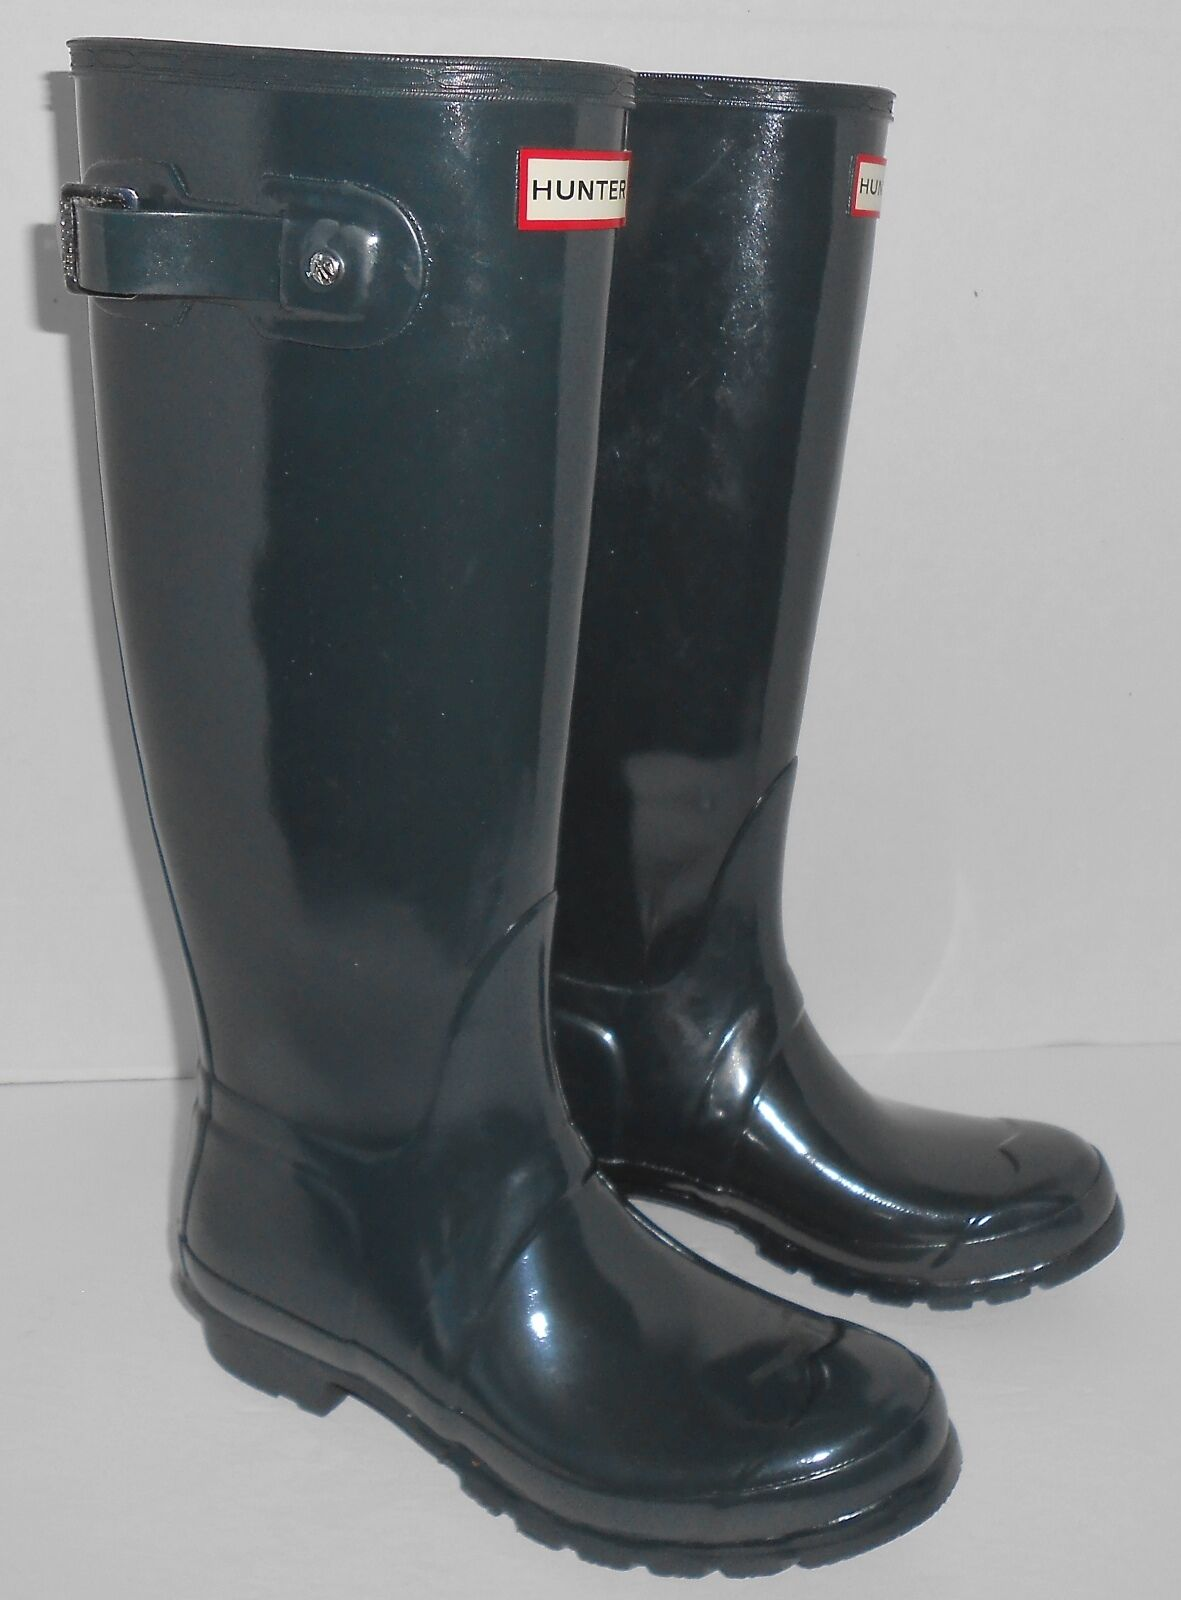 Hunter Original Alta Brillante Para Mujer botas De De De Lluvia Color  Grafito Satinado Talla 7  ahorra hasta un 70%